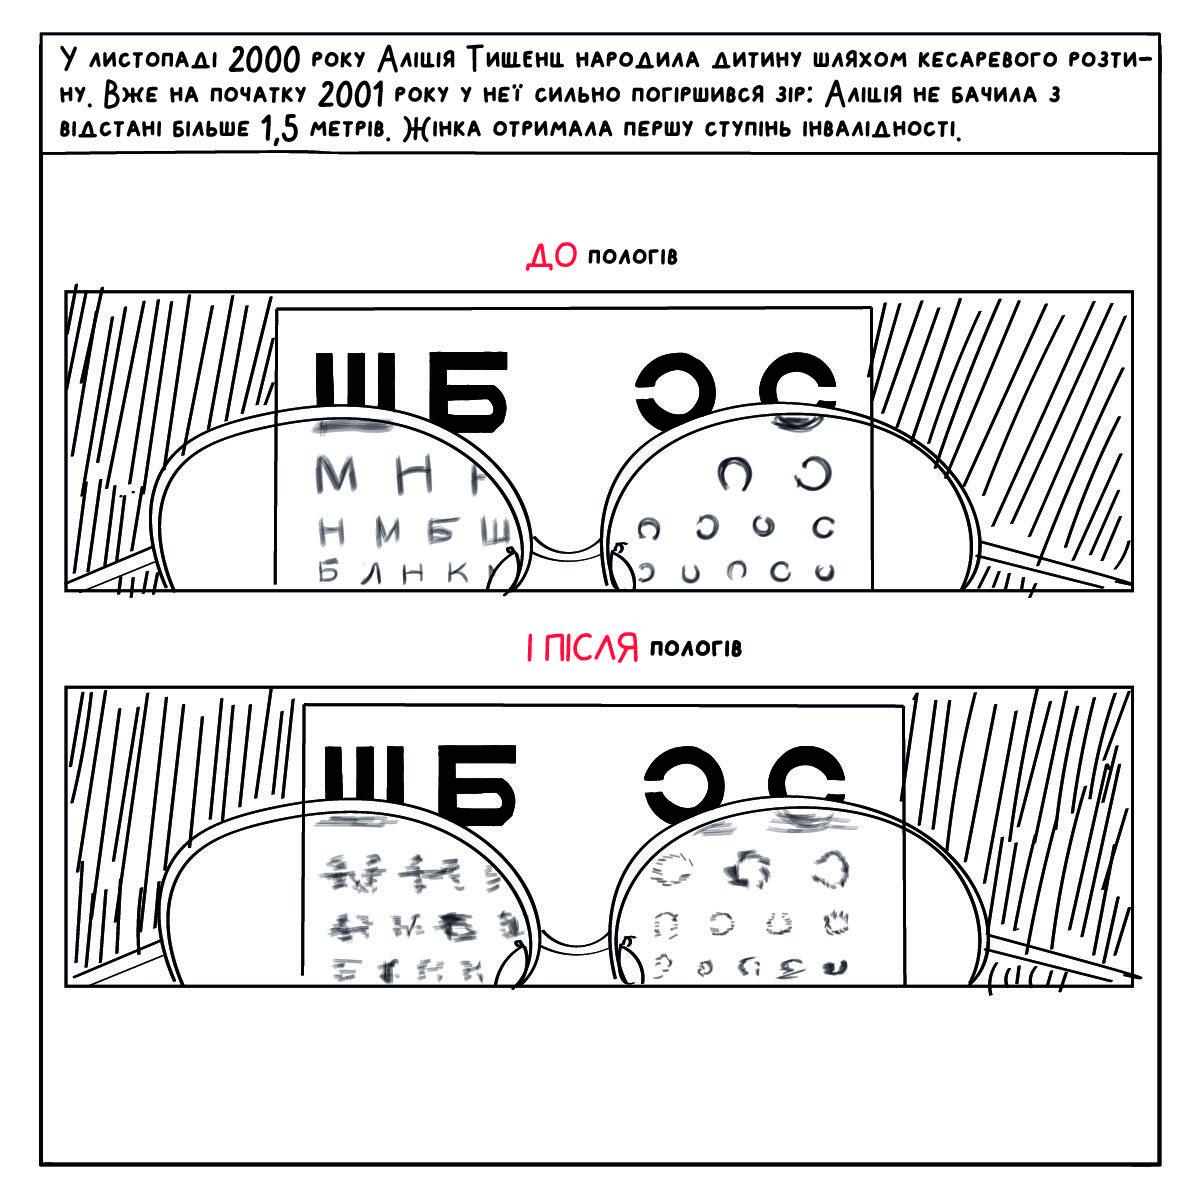 abortion in poland comics ua 05 - <b>Вам заборонені аборти.</b> Комікс Насті Оприщенко про те, як в Польщі обмежують права жінок - Заборона